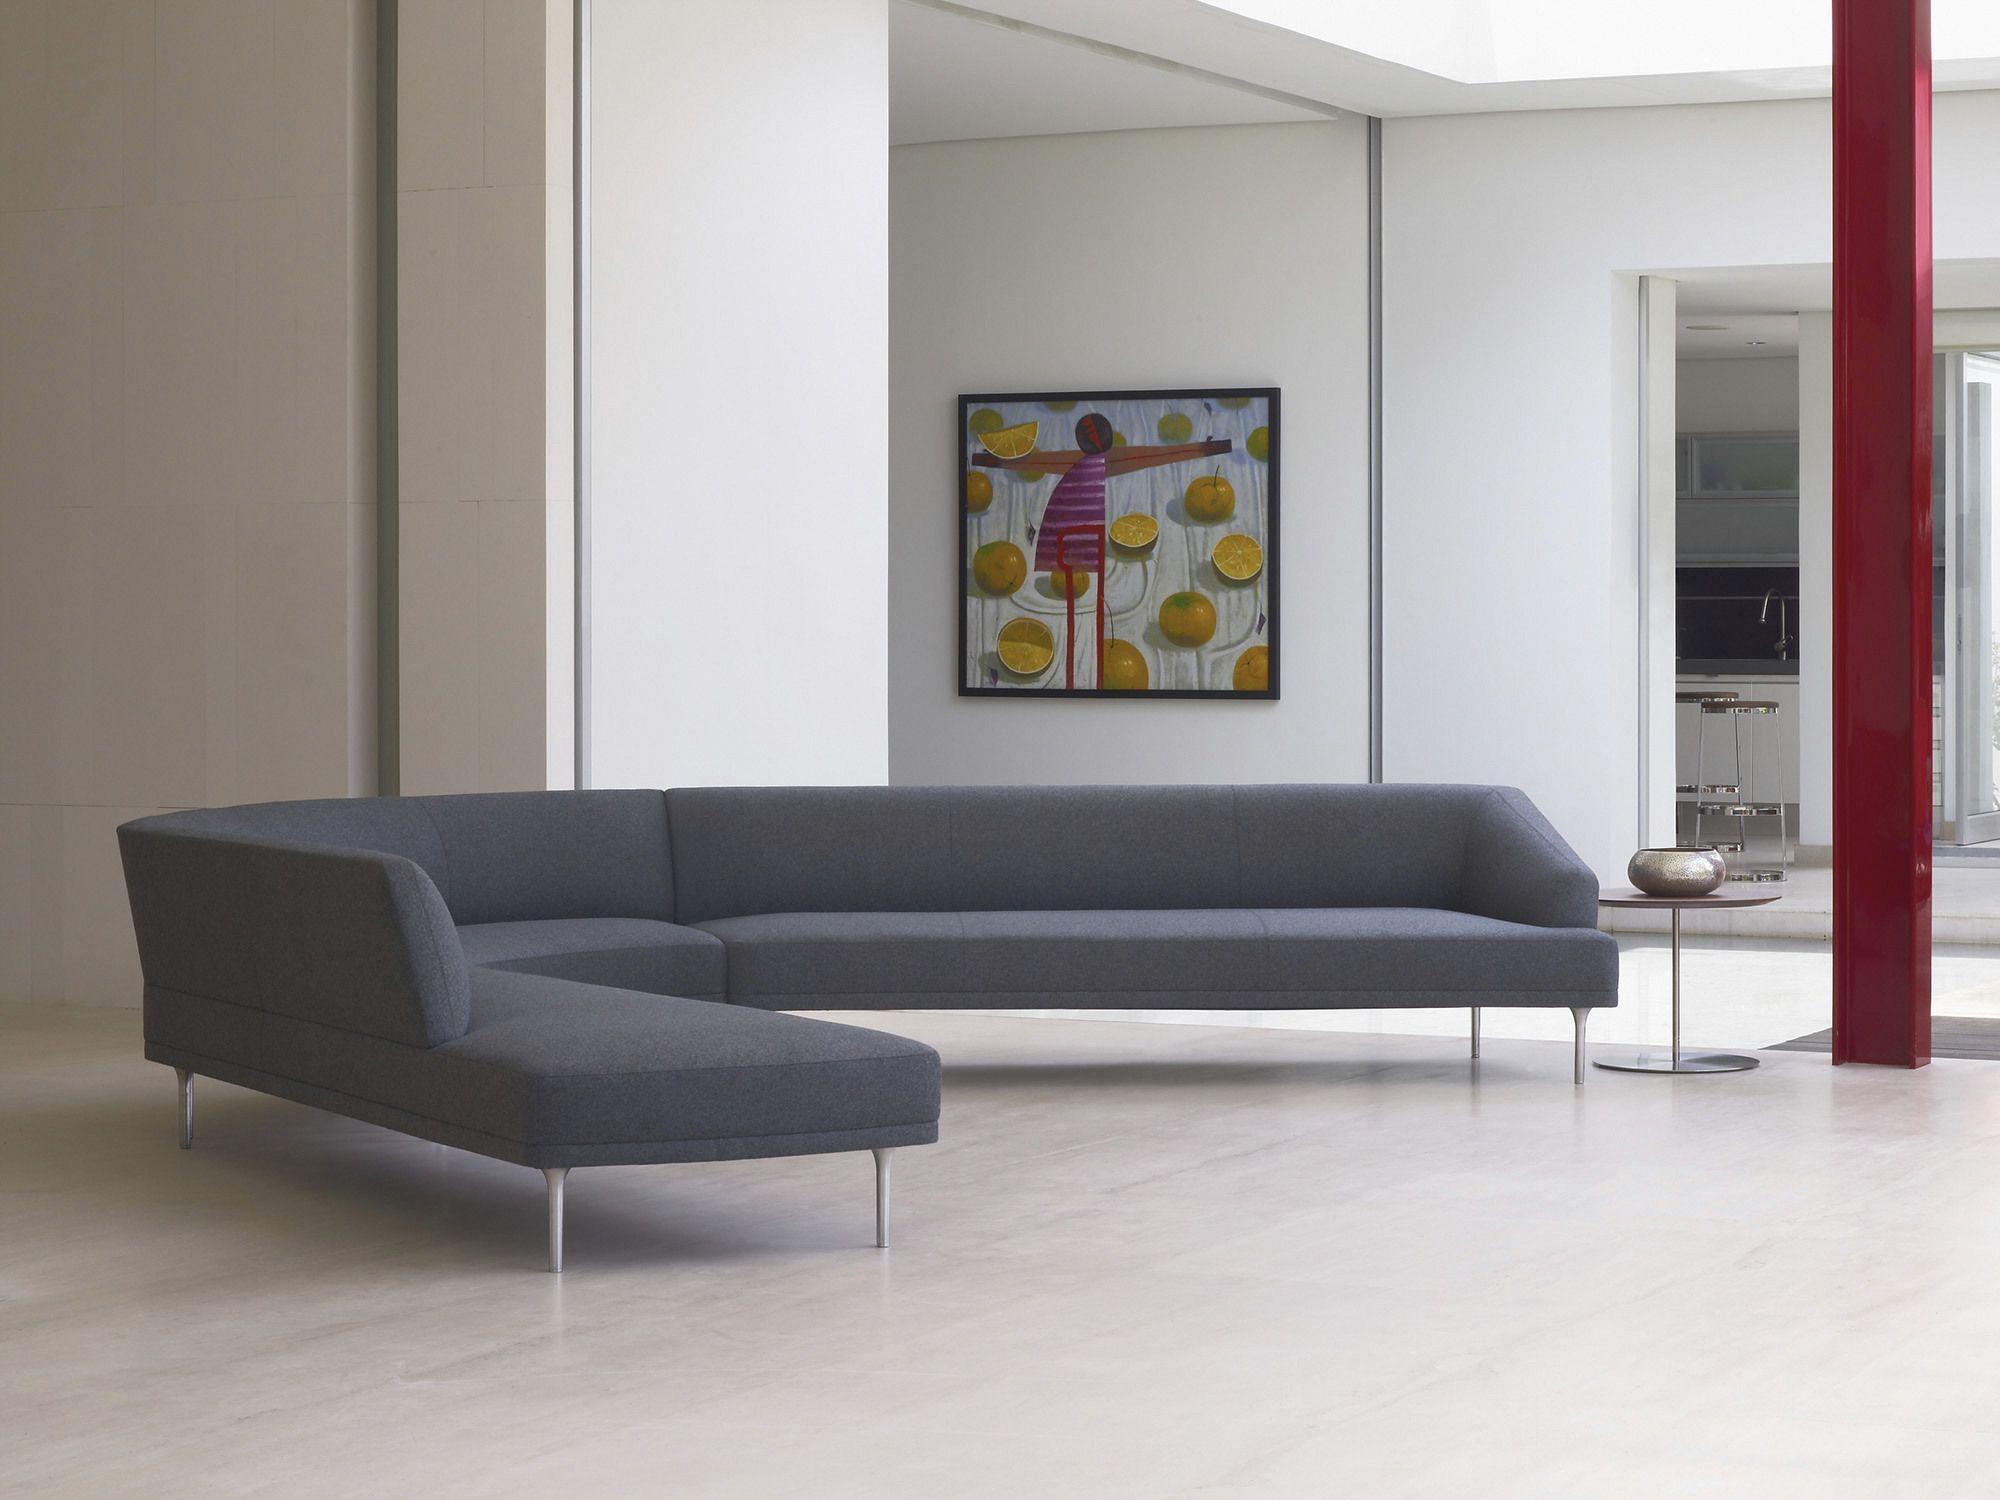 Mirador Sofa Lievore Altherr Molina For Bernhardt Design Sofas